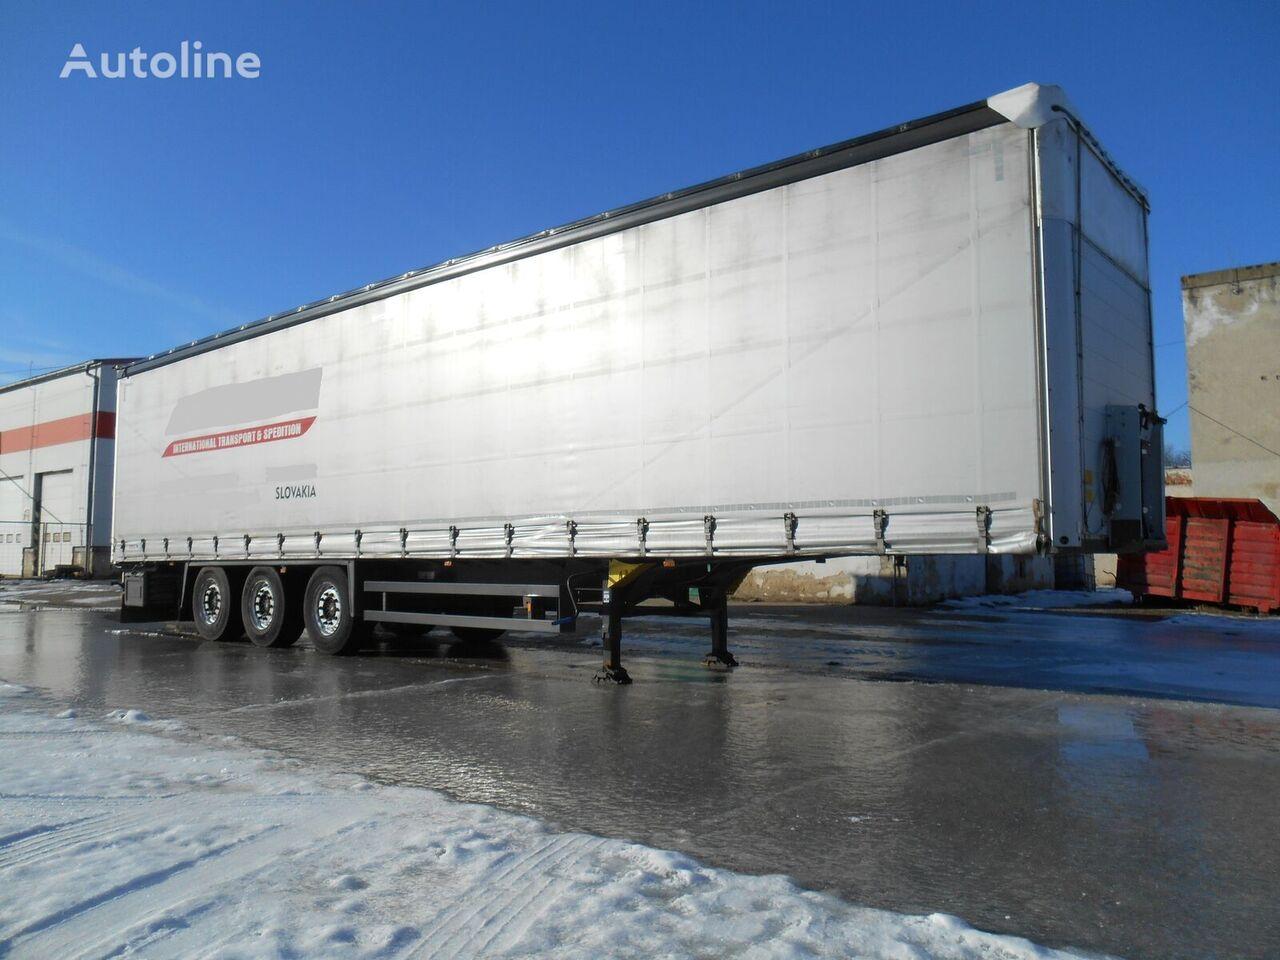 SCHMITZ CARGOBULL COIL MULDE 9m XL CERTIFICATE  SAF AXLE semirremolque con lona corredera